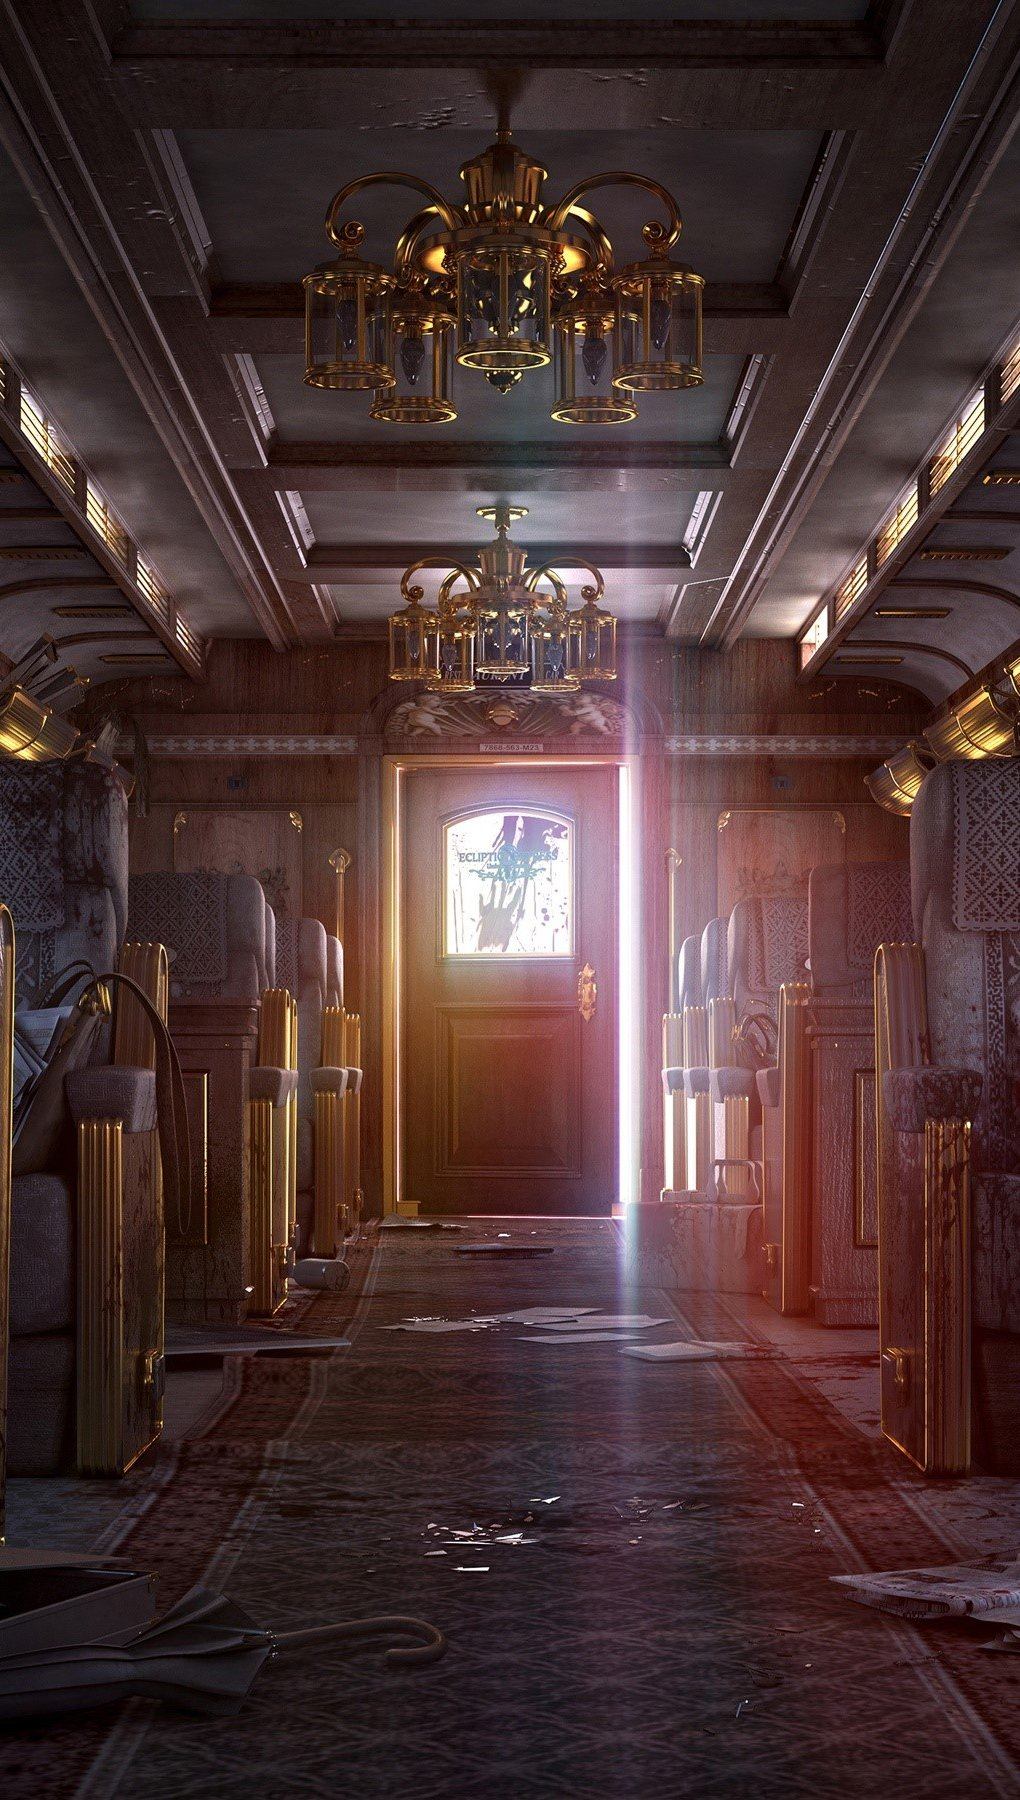 Fondos de pantalla Resident Evil Zero HD Vertical